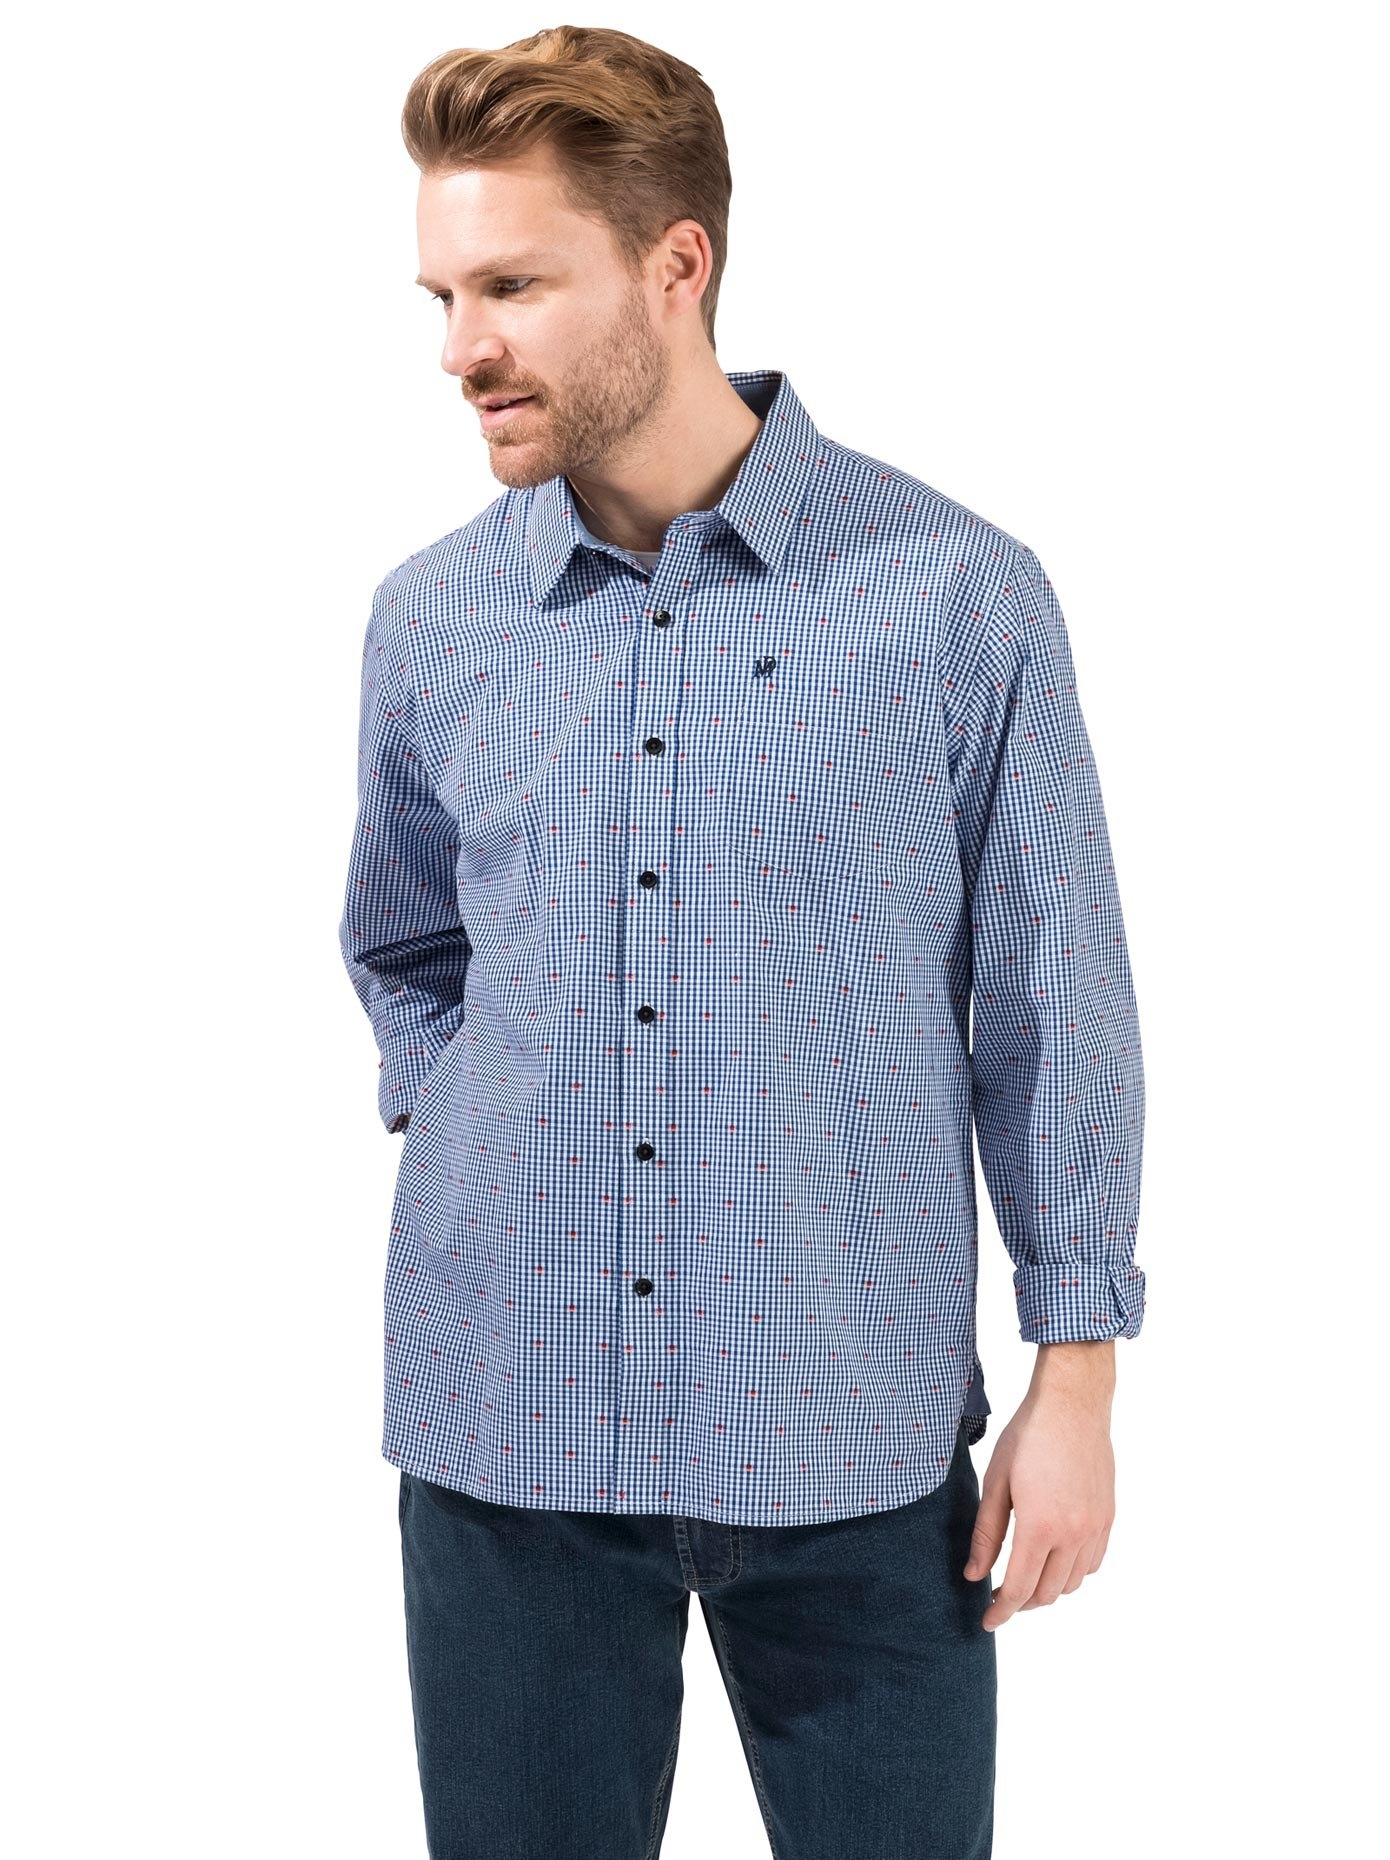 Marco Donati overhemd met lange mouwen online kopen op otto.nl